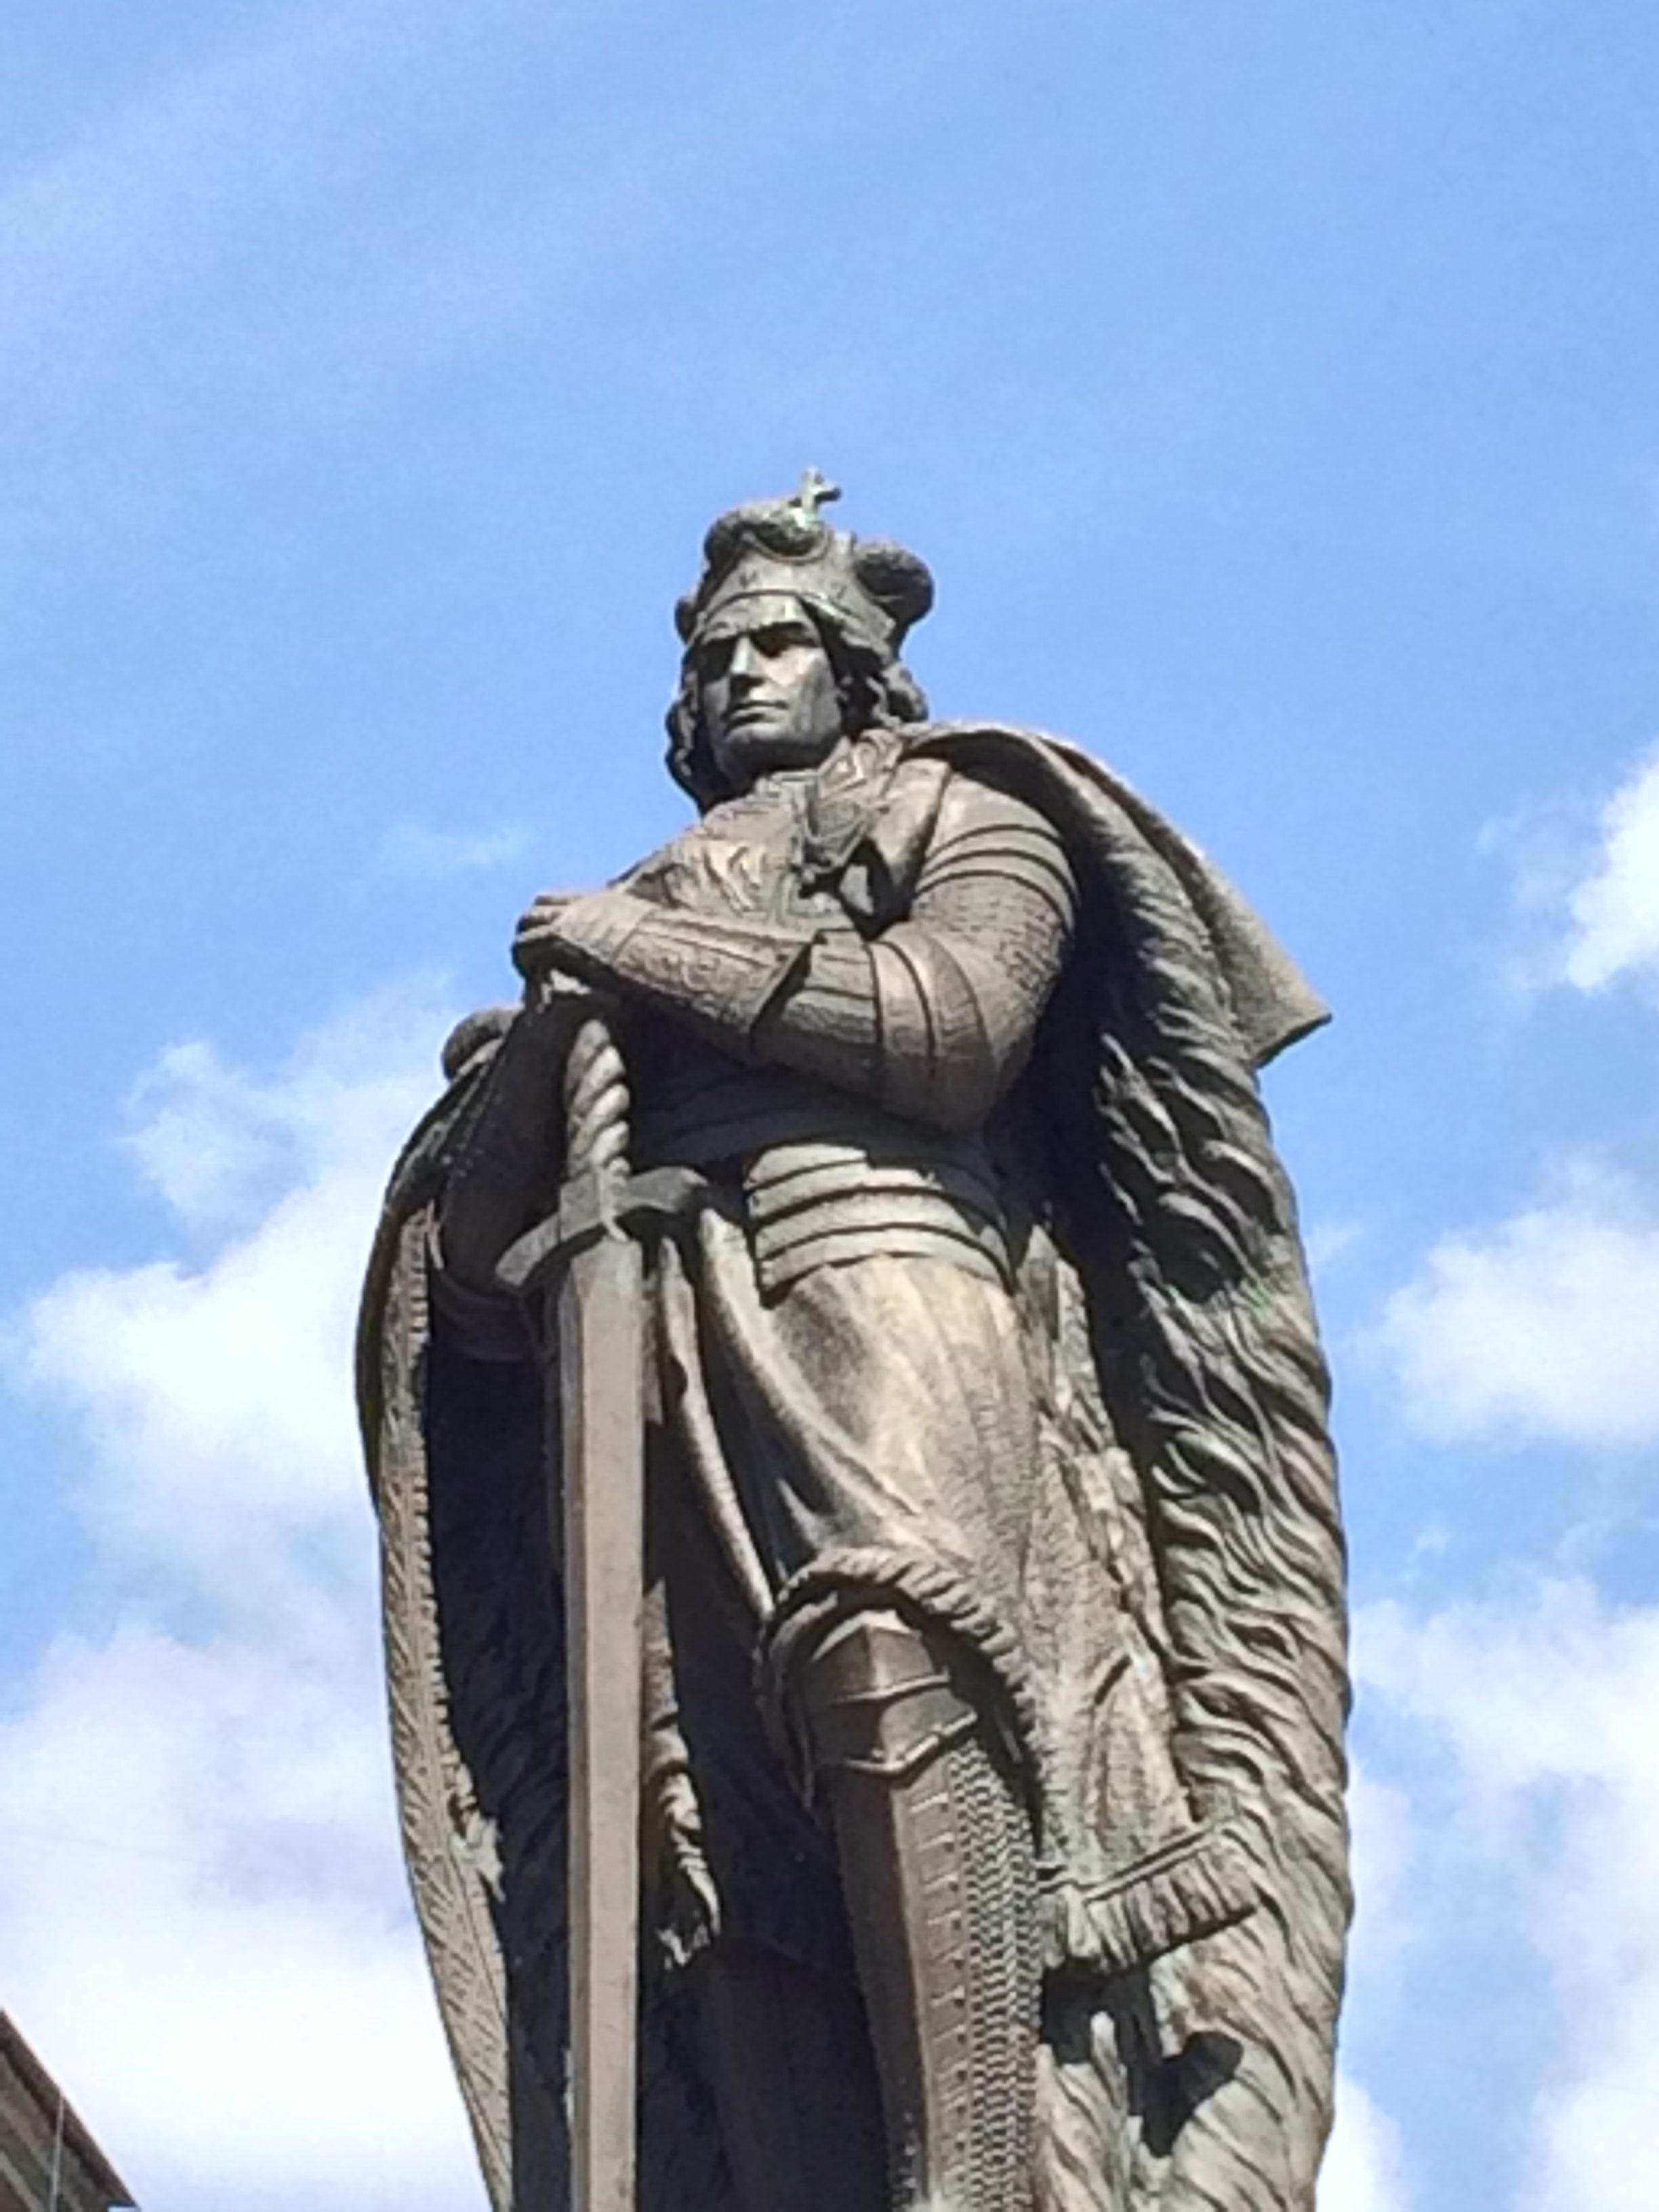 勇ましい表情が印象的なヴィタウタスの銅像